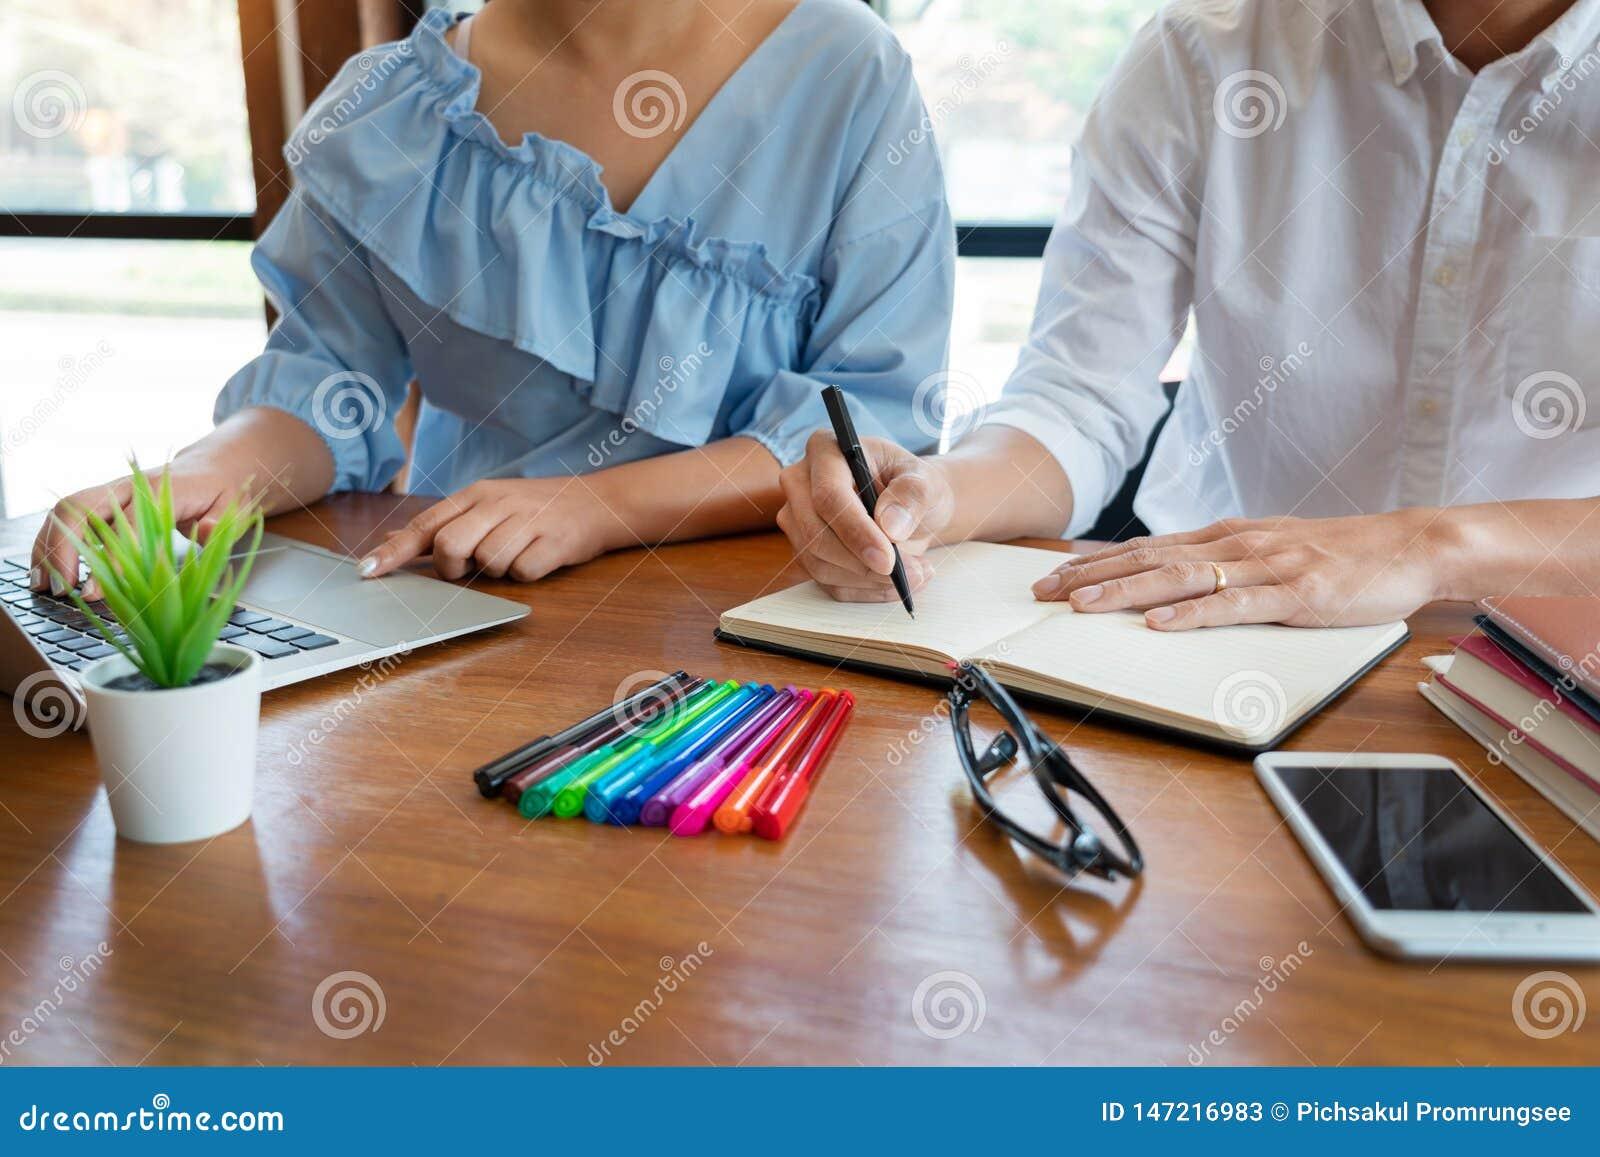 Educaci?n y concepto de la escuela, campus de los estudiantes o compa?eros de clase aprendiendo al amigo que alcanza de las clase